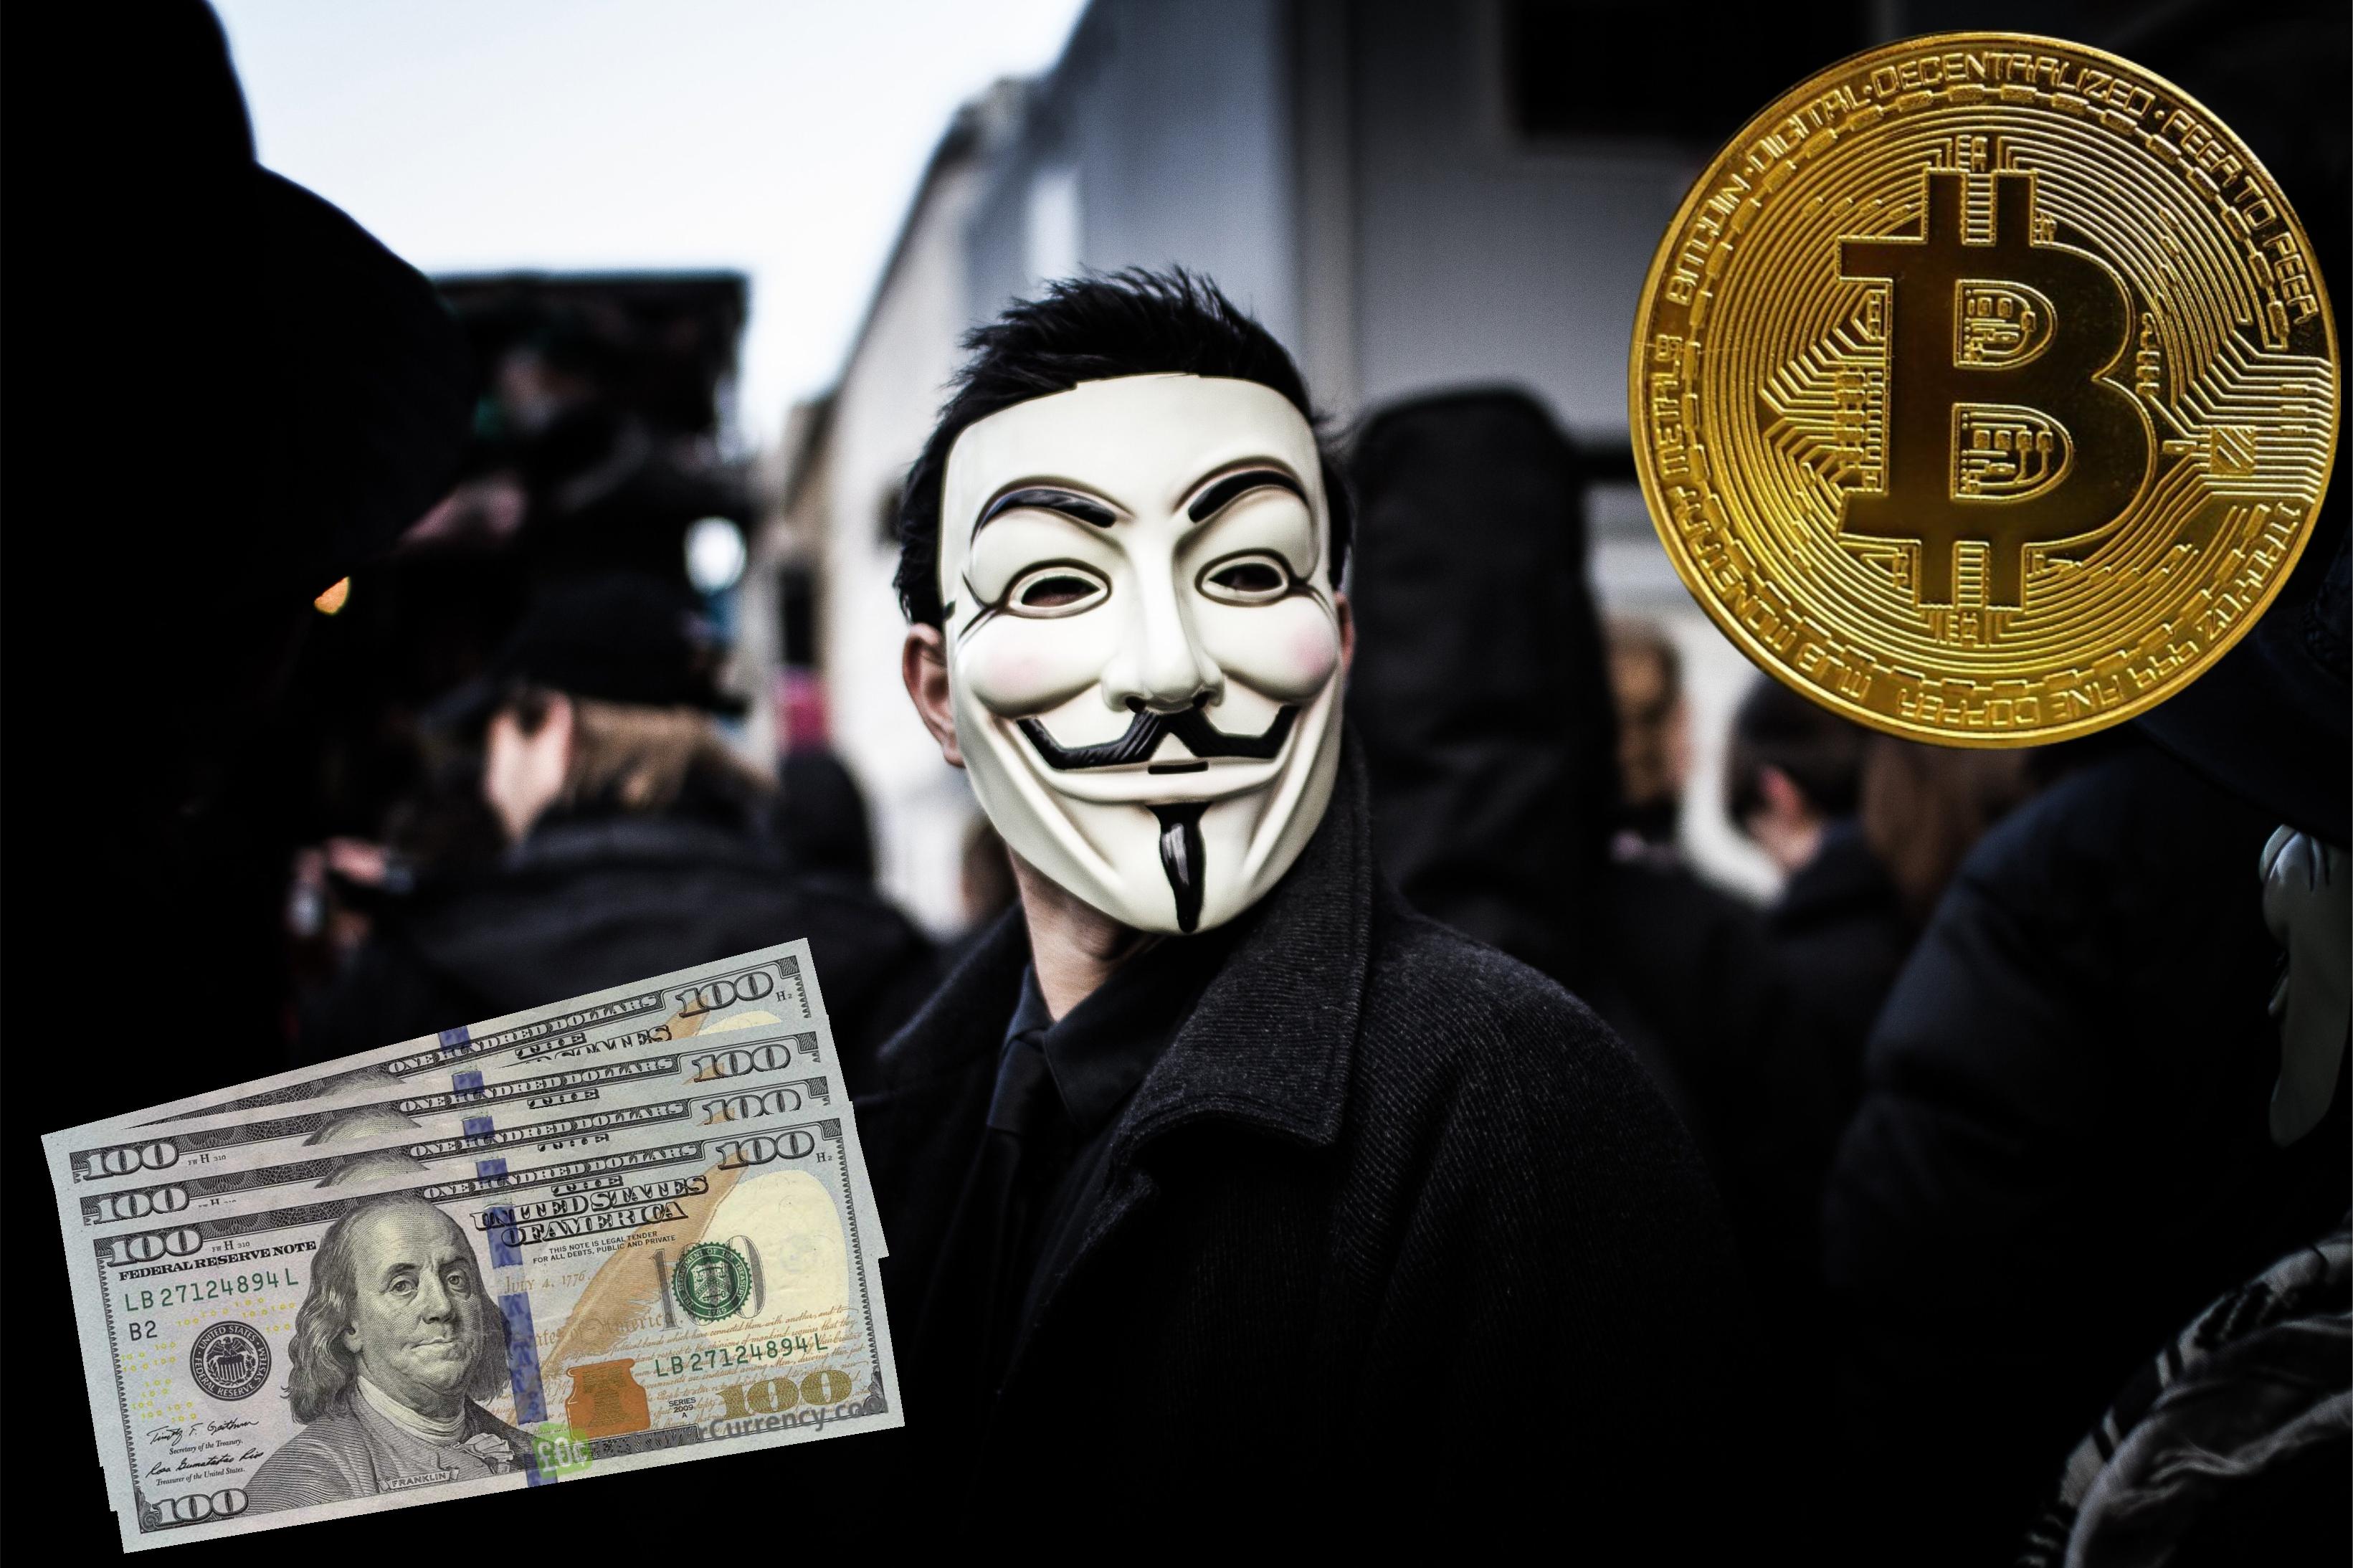 Bitcoin monētas pastāv